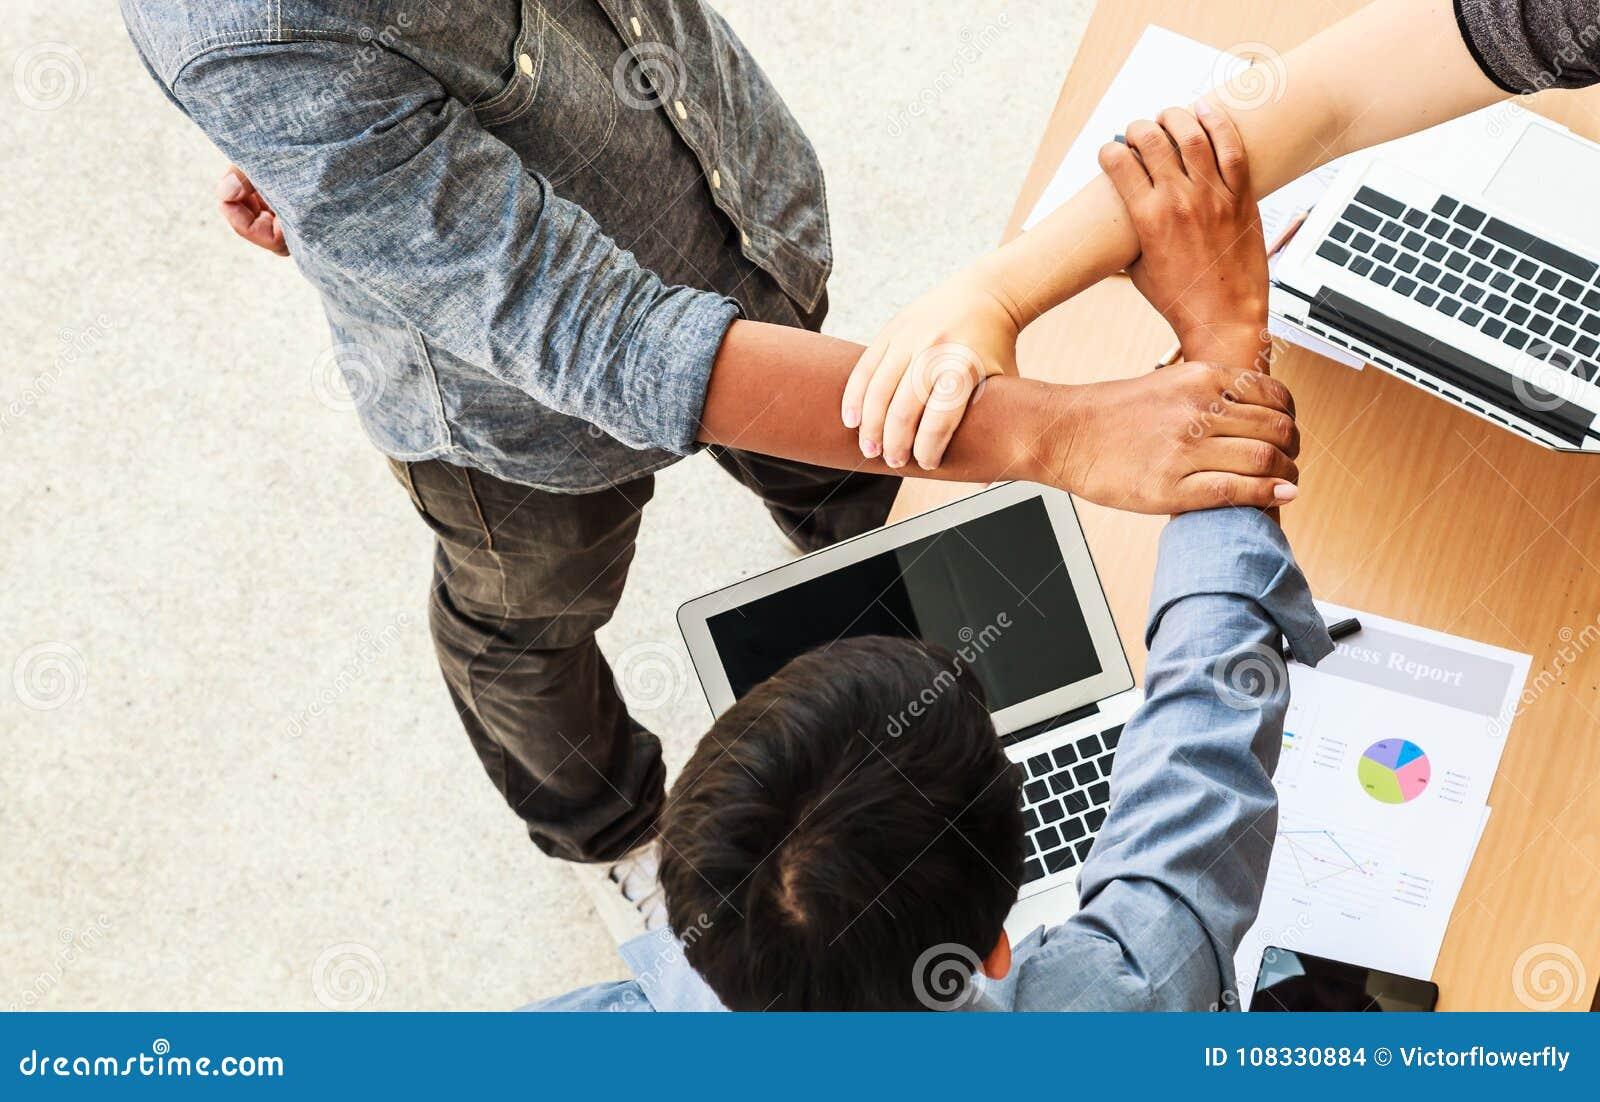 Händer för möte för teamwork för affärsfolk sammanfogande i triangel i kontorsbegreppet, genom att använda idéer, diagram, datore